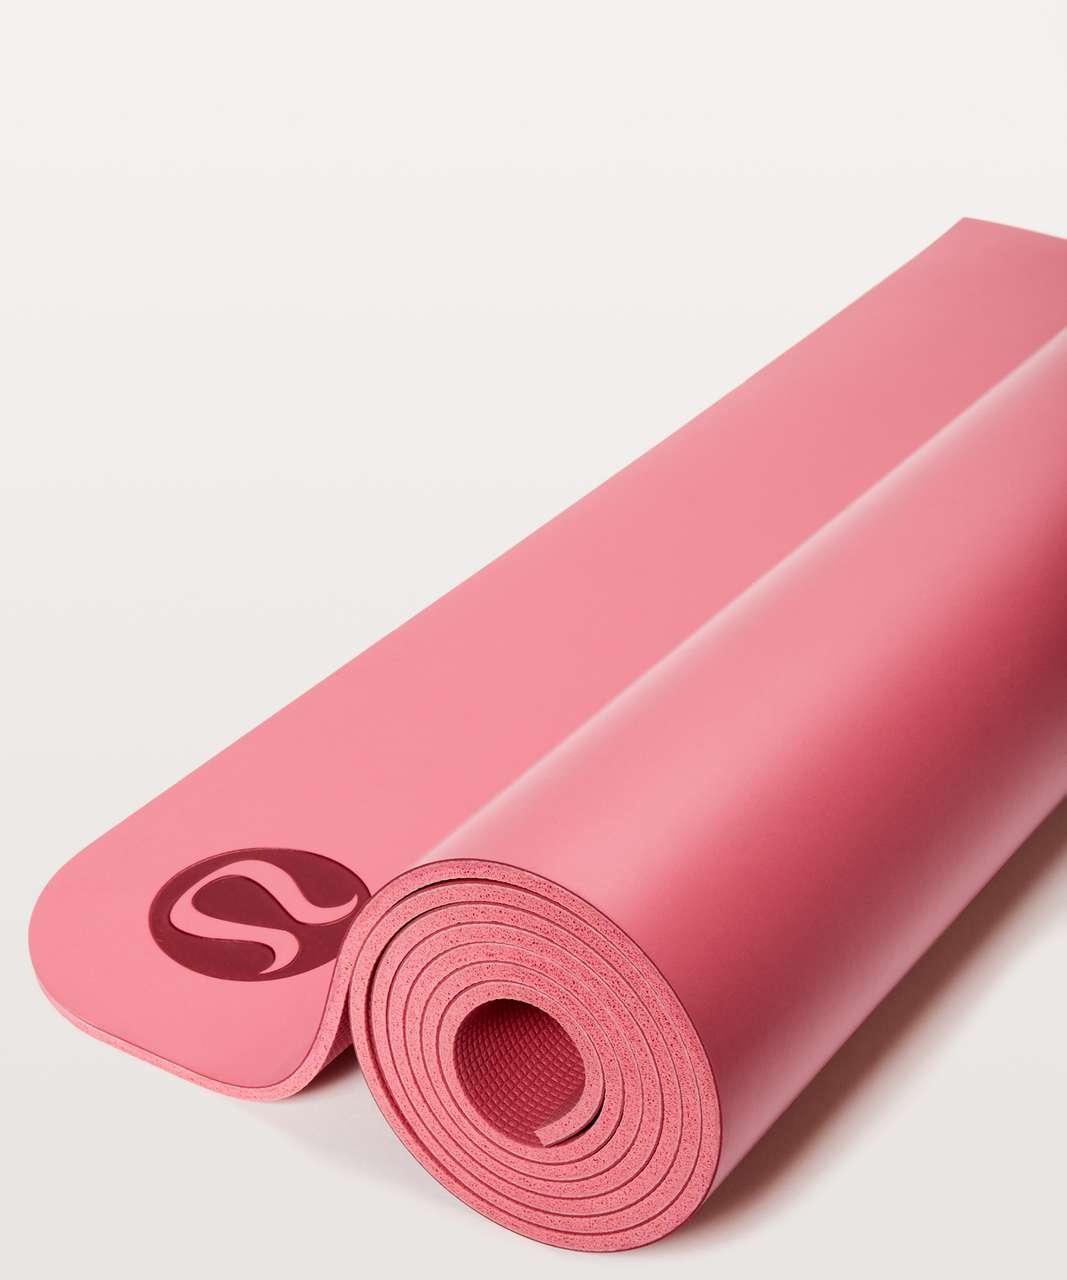 Lululemon The Reversible Mat 5mm - Cherry Dust / Glossy